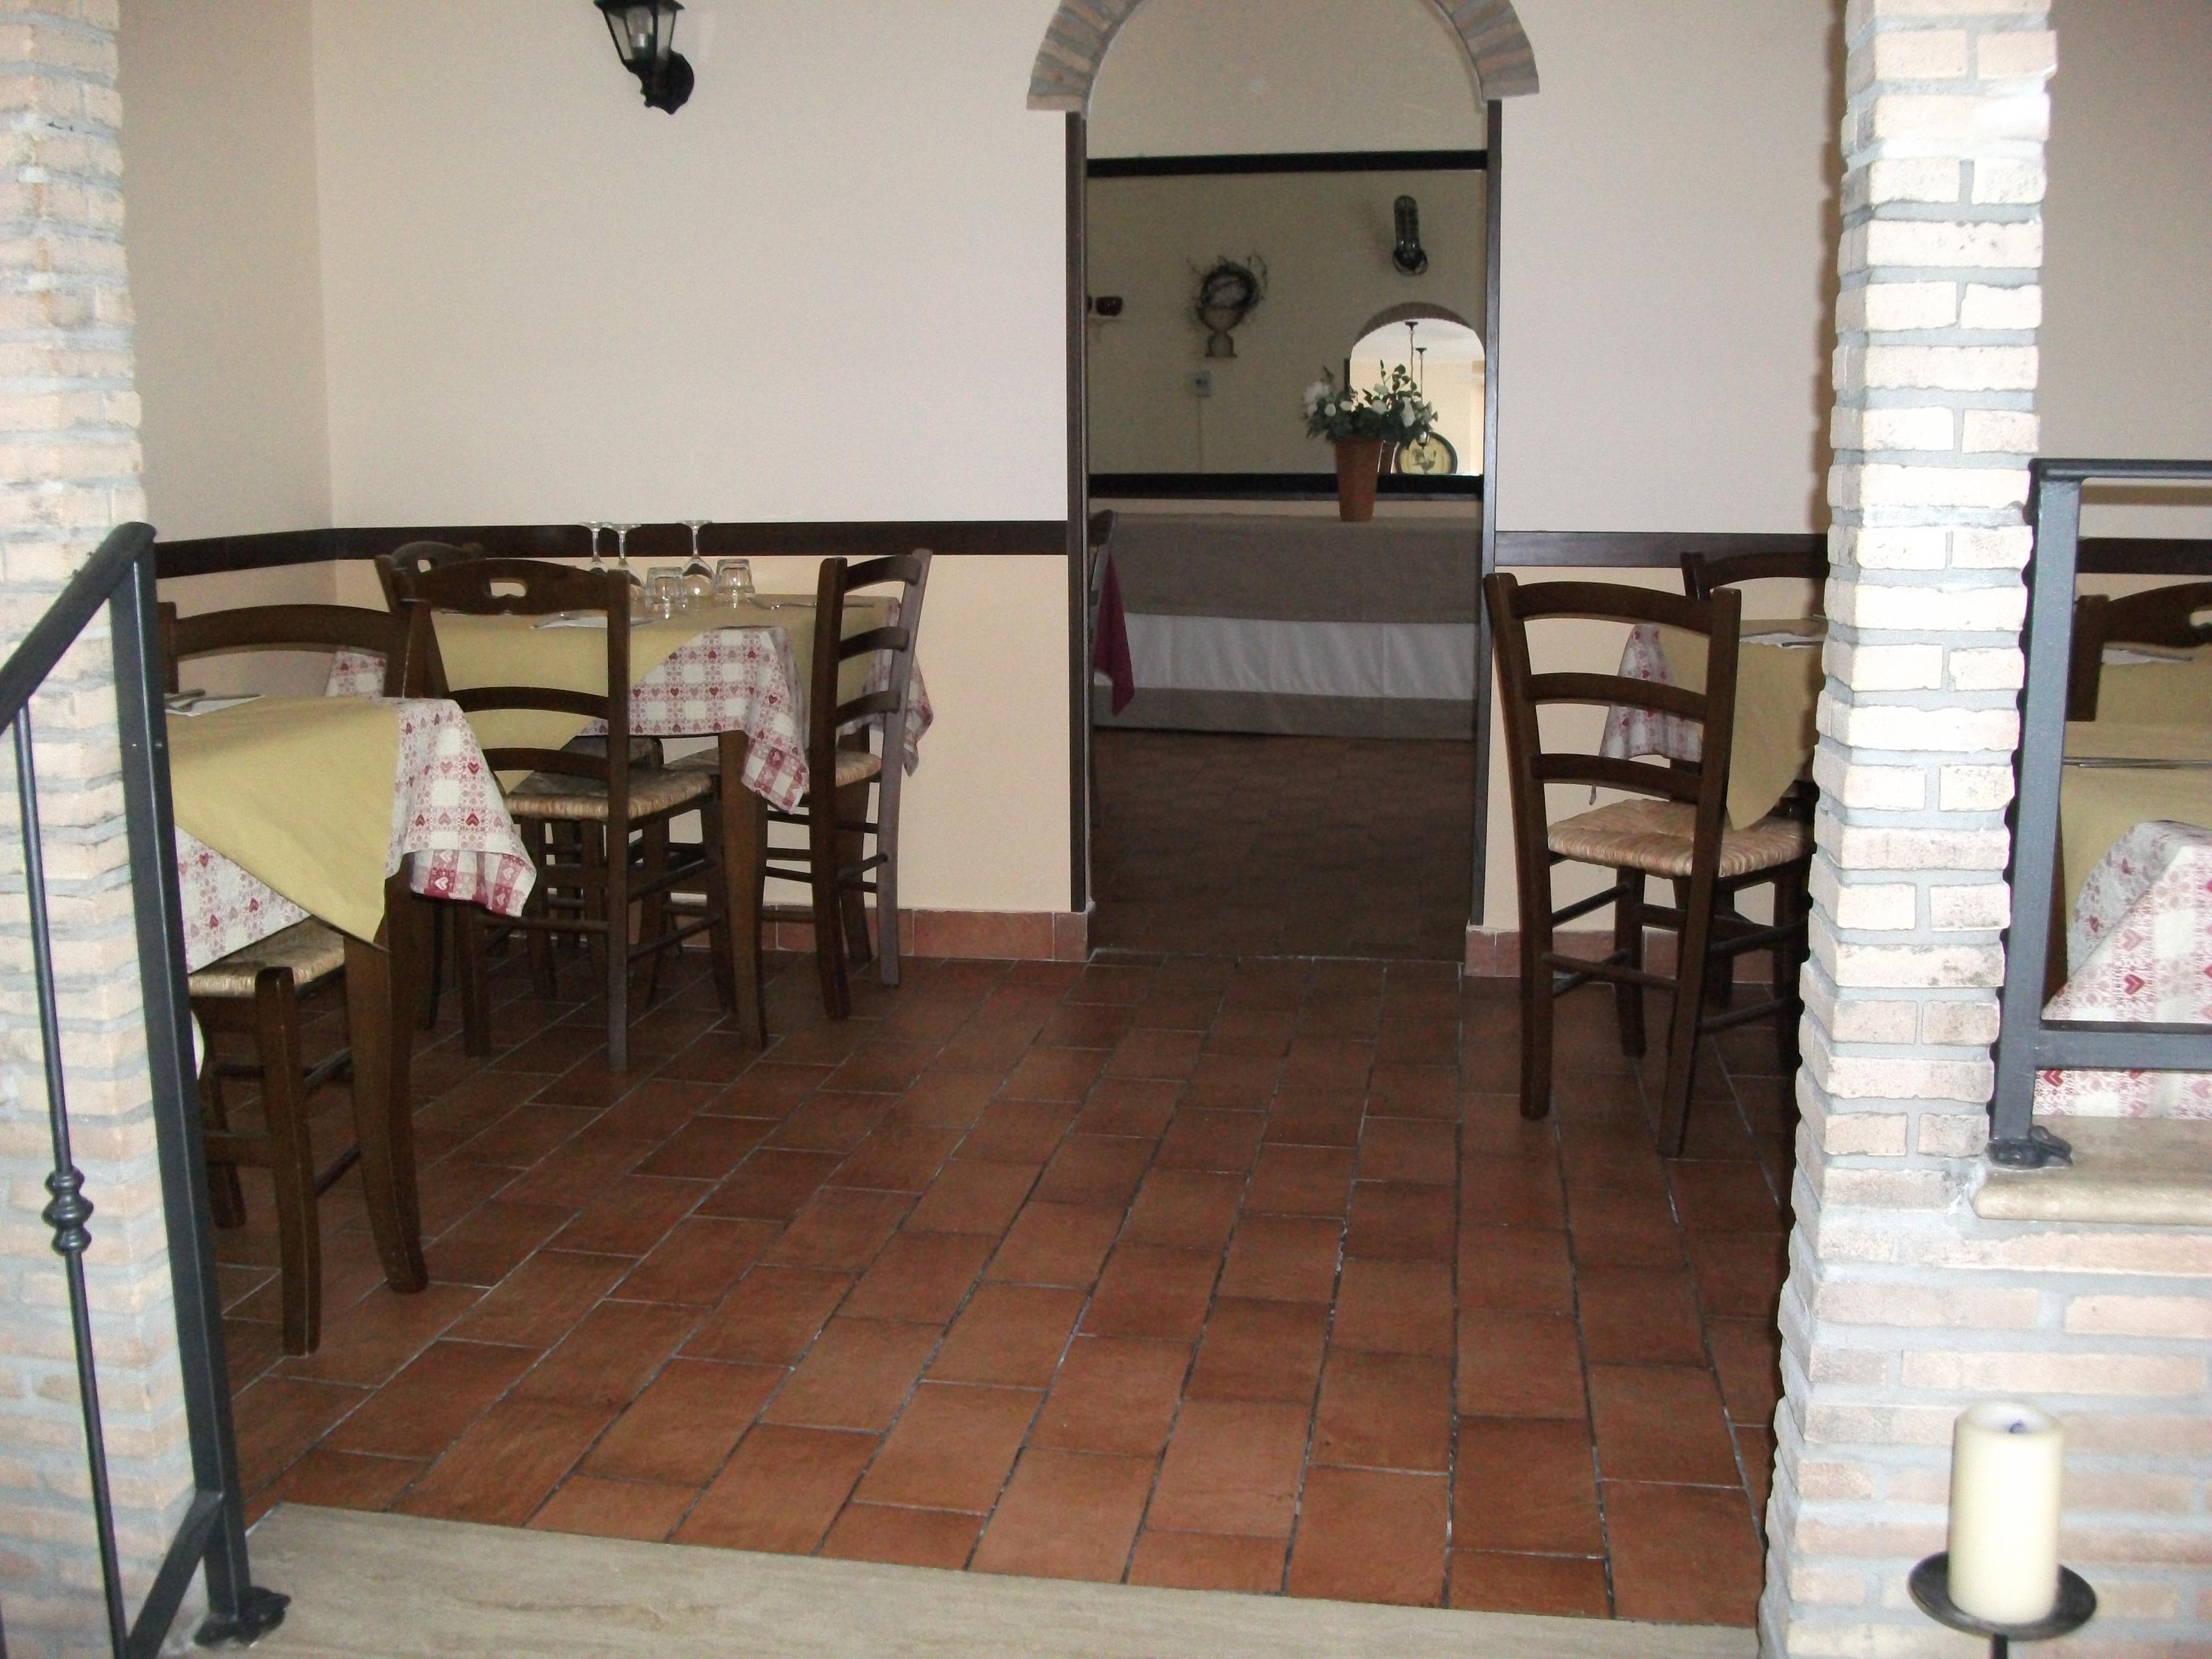 Cucina tipica romana appia antica roma for Cucina antica roma